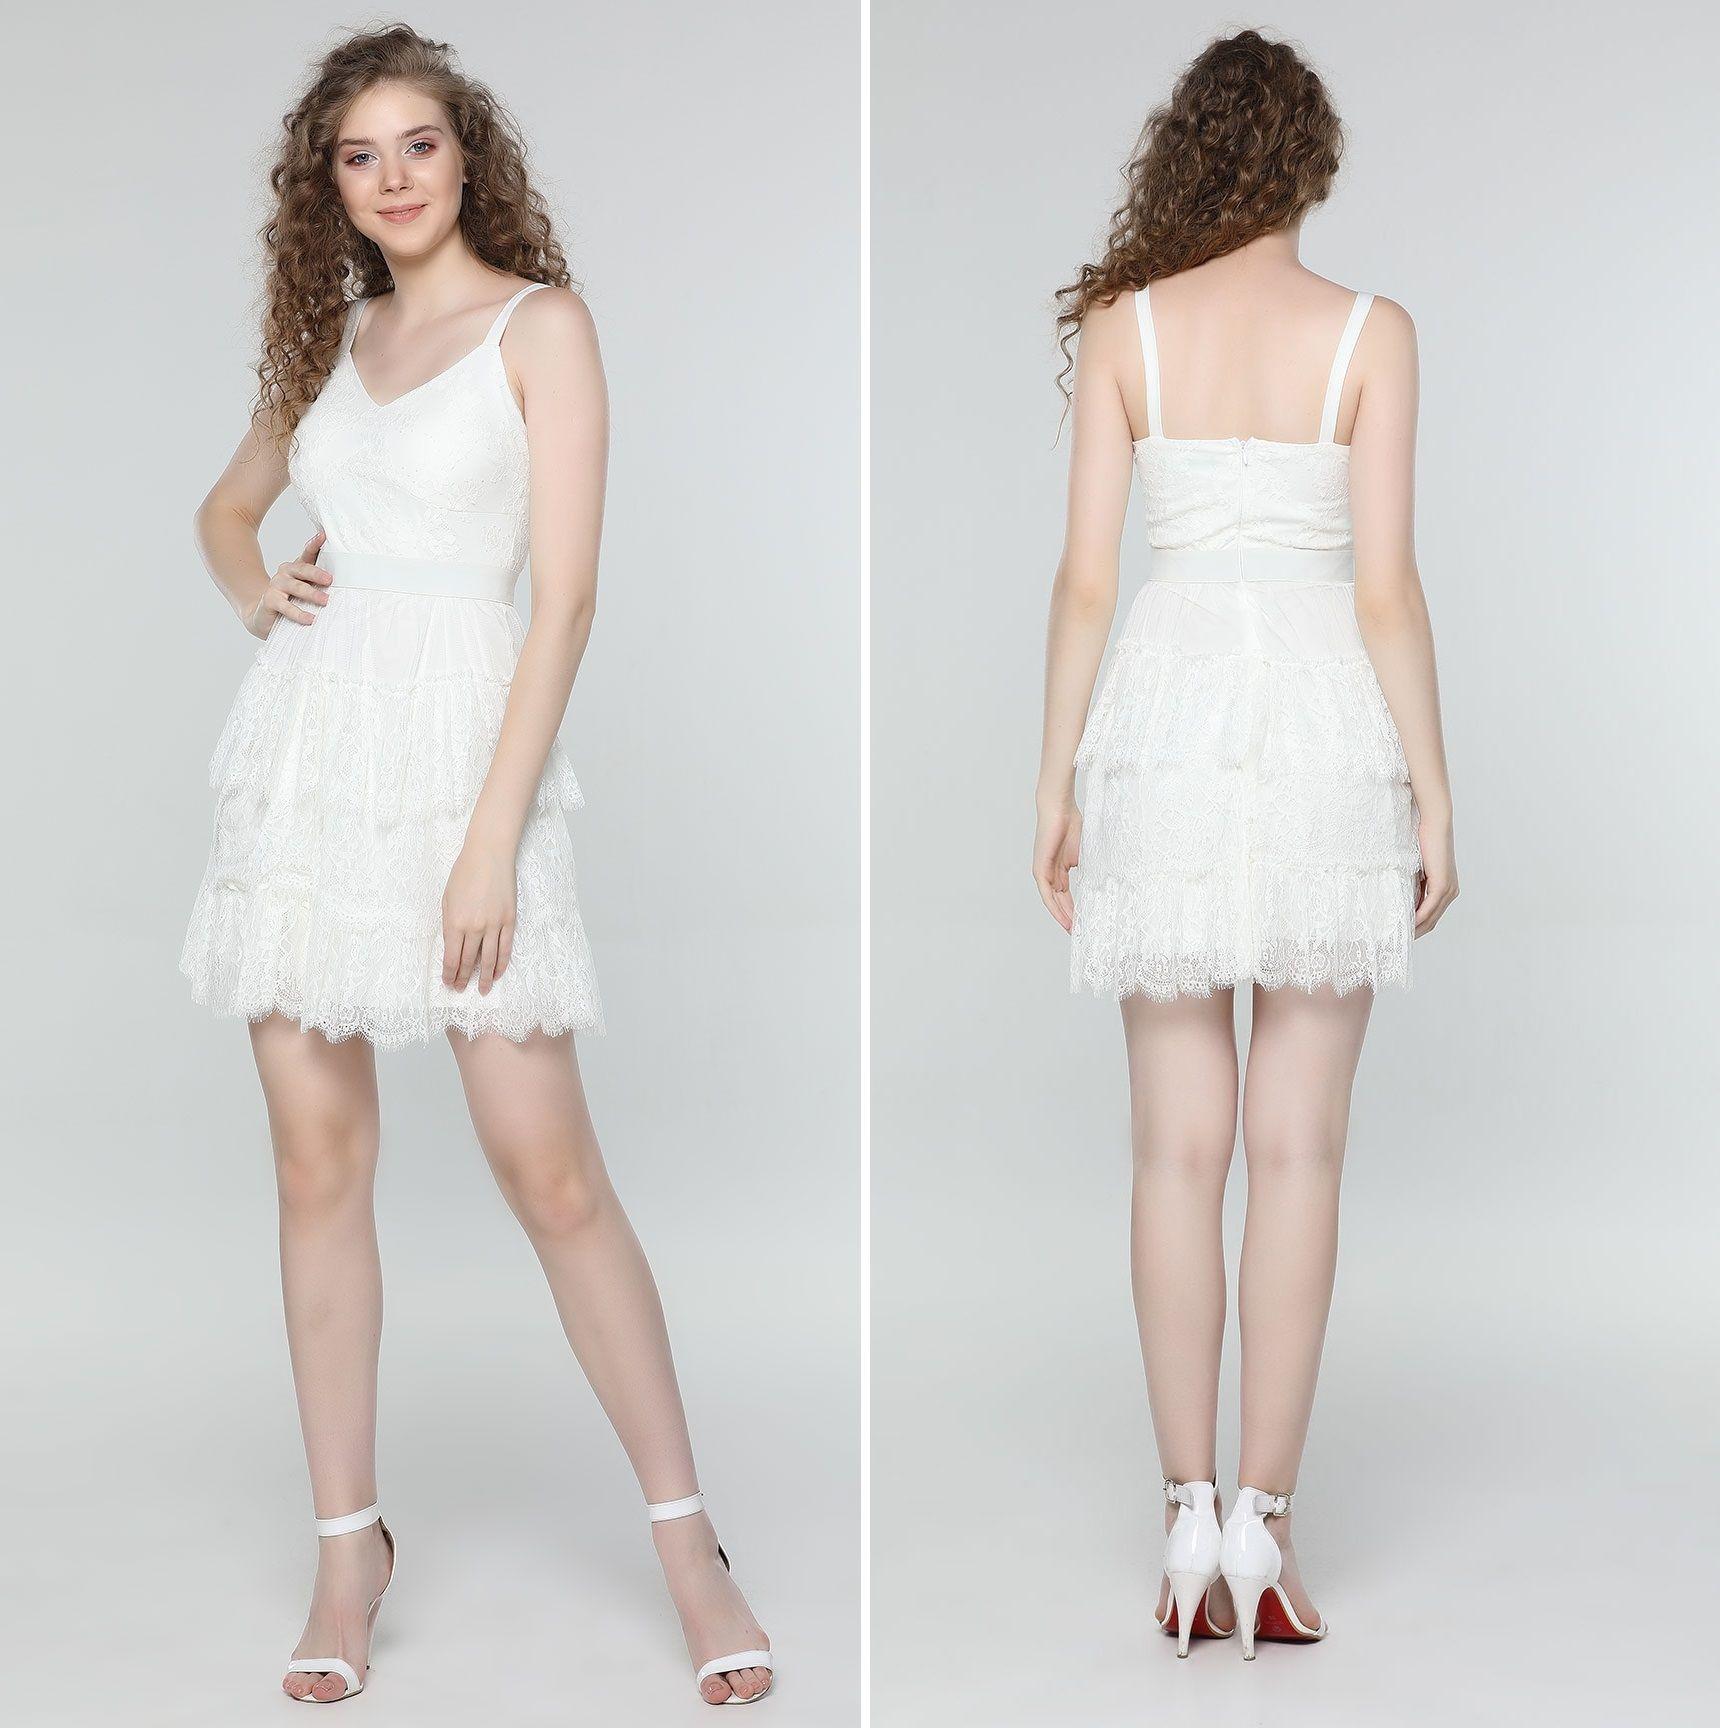 Model 1008791 279 99 Kat Kat Dantel Abiye Elbise 100 Ayni Urun Garantisi Beden 34 36 38 40 Renk Kirmizi S Elbise Moda Dantel